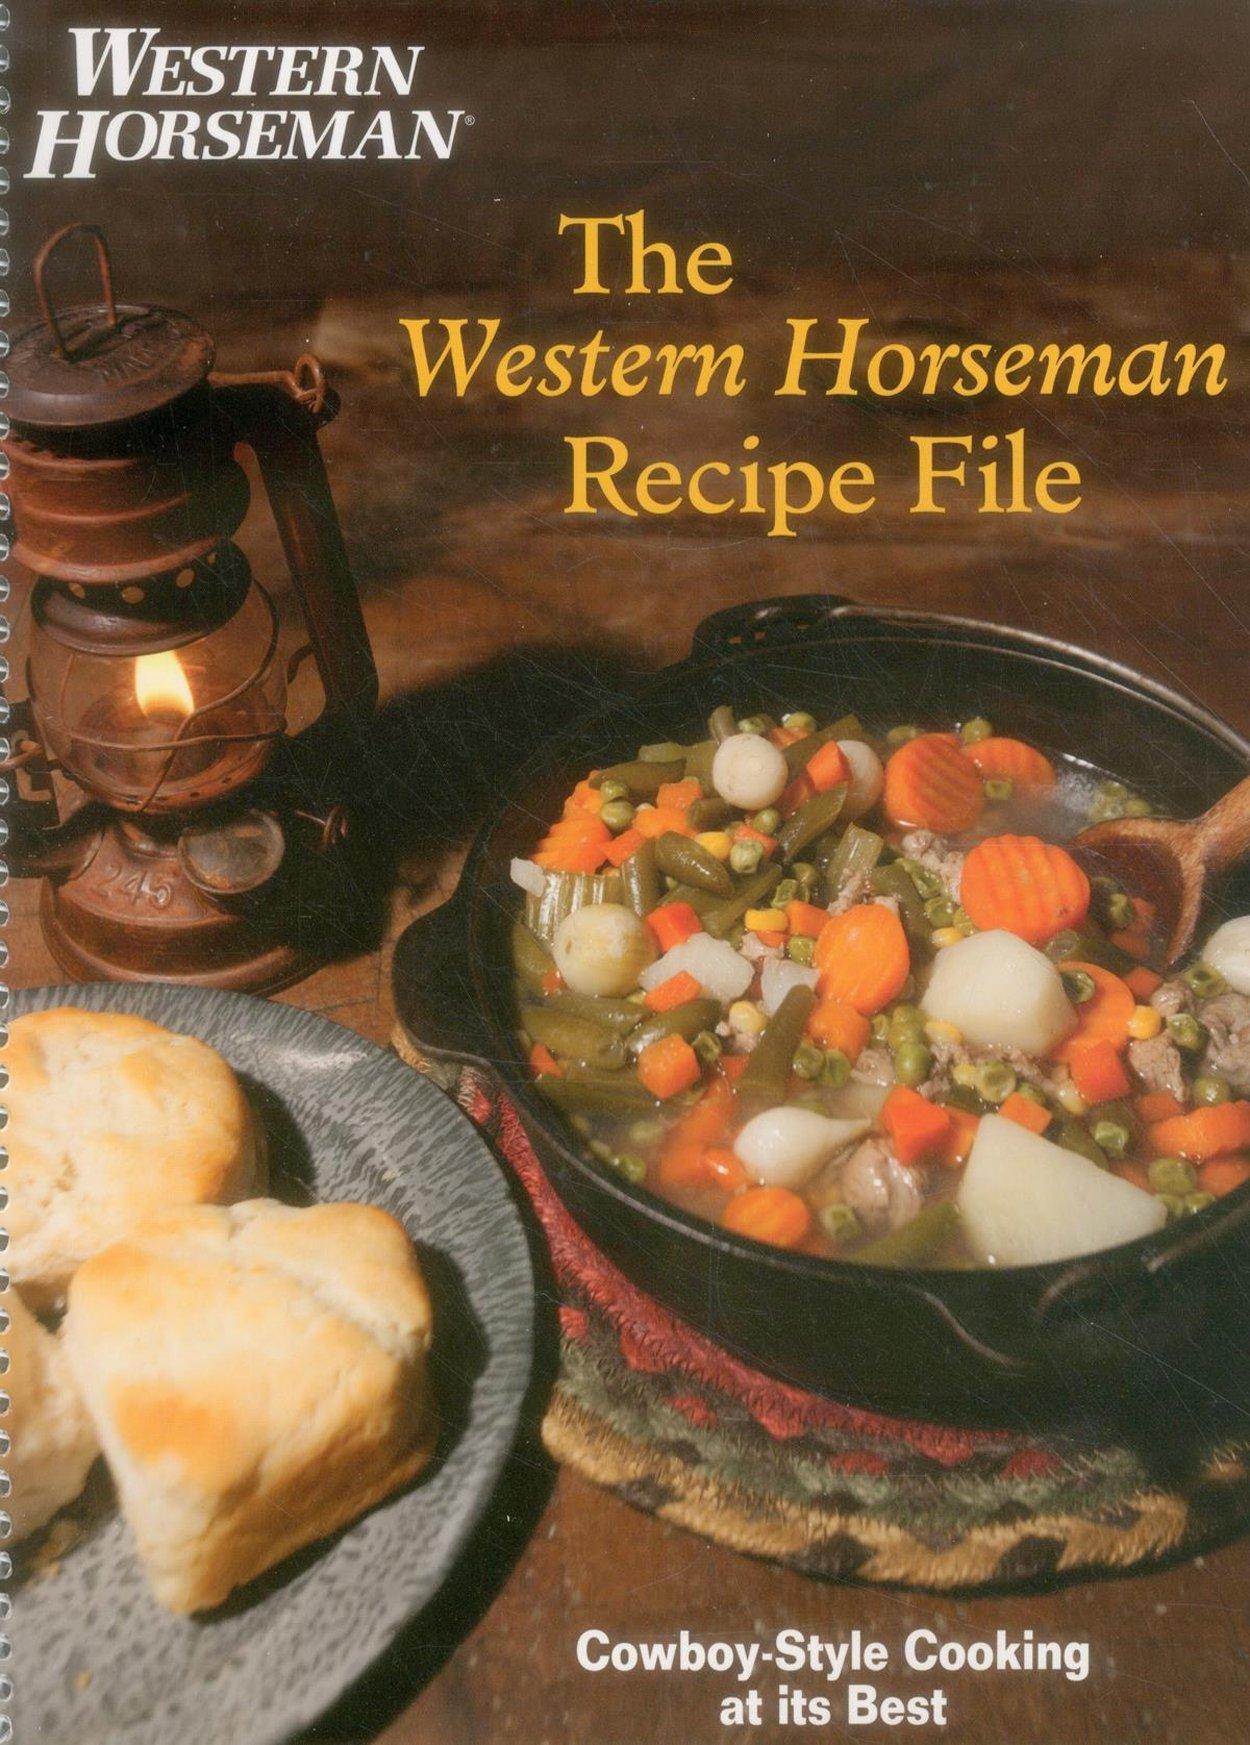 Western horseman recipe file cowboy style cooking at its best the western horseman recipe file cowboy style cooking at its best the editors of western horseman 9781493001798 amazon books forumfinder Images